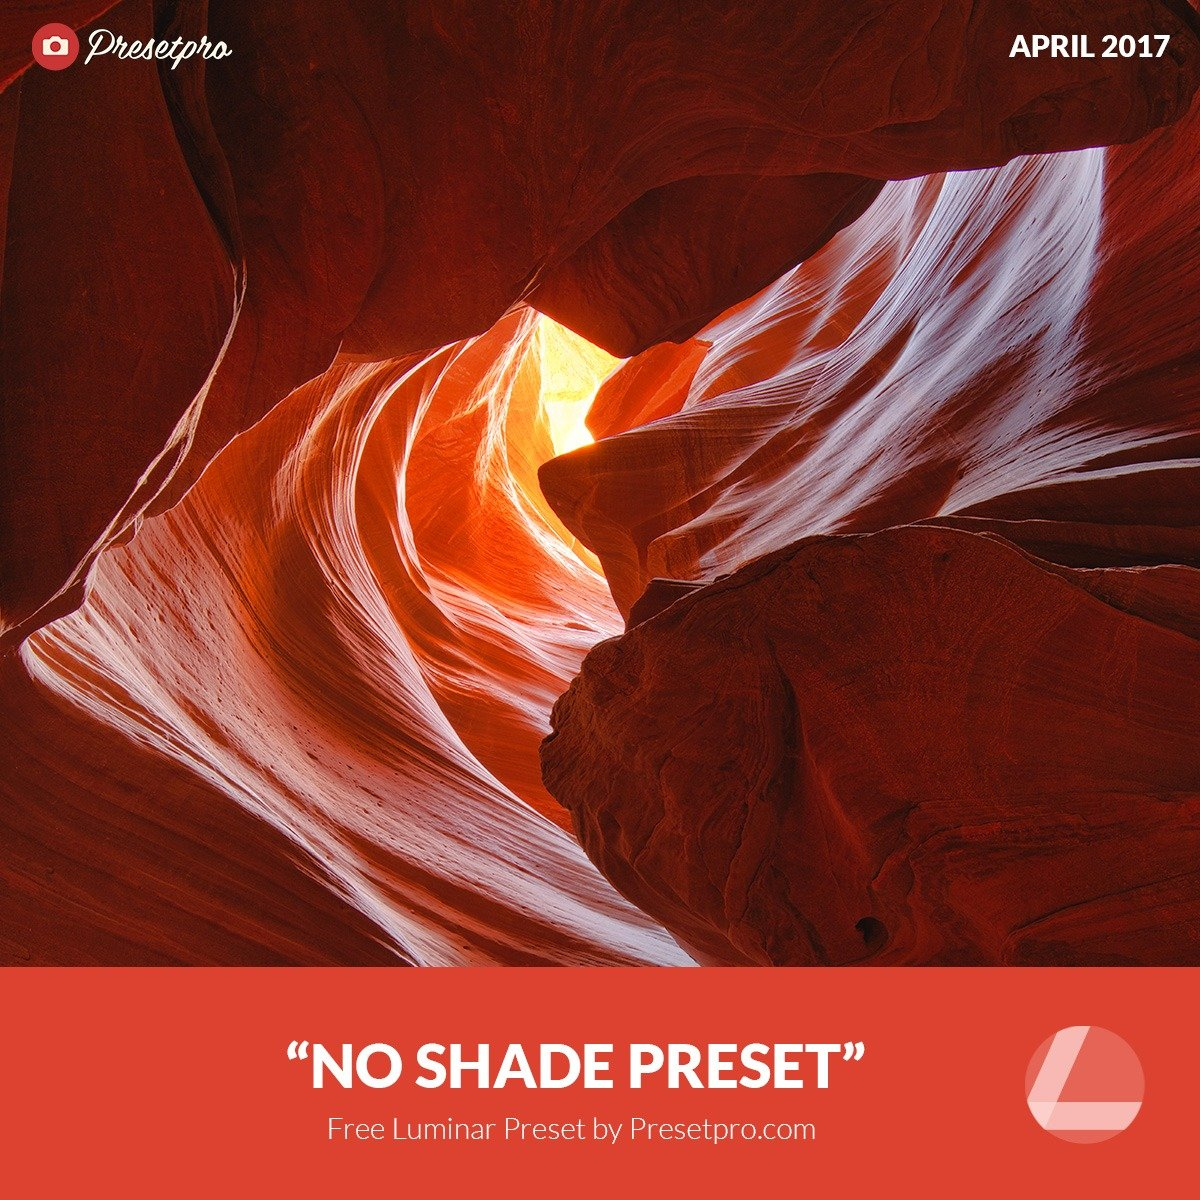 Free-Luminar-Preset-No-Shade-Presetpro.com